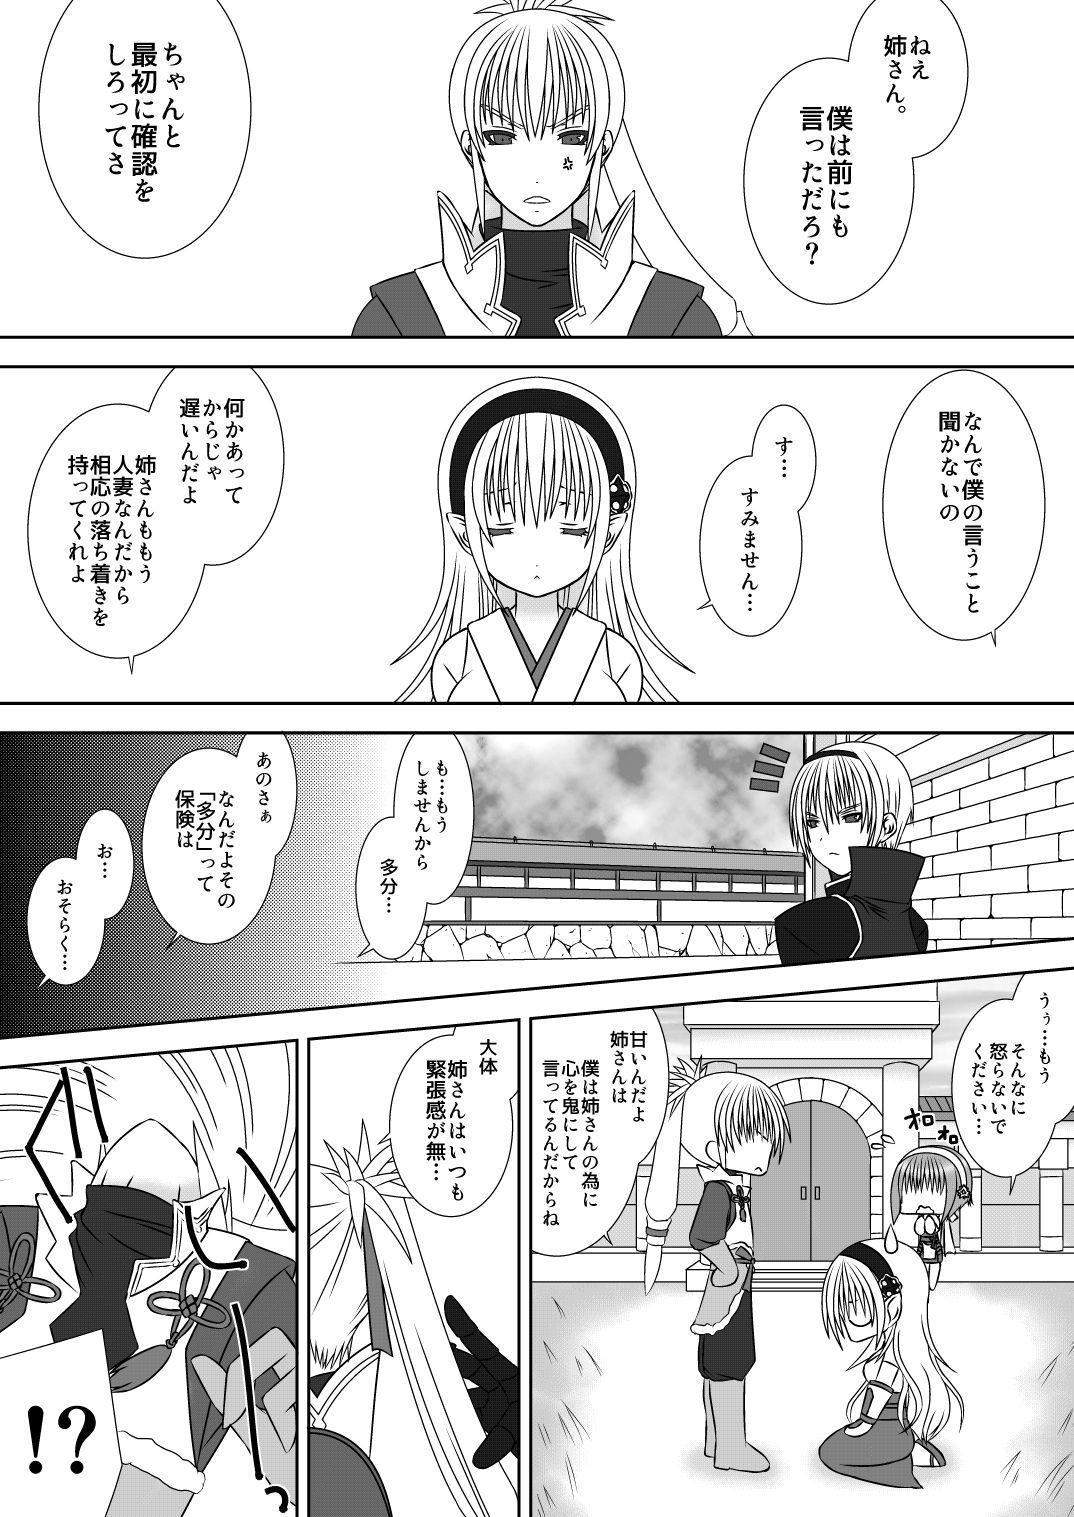 Onee-chan ni Ecchi na Koto Shicha Ikemasen!! 2 1